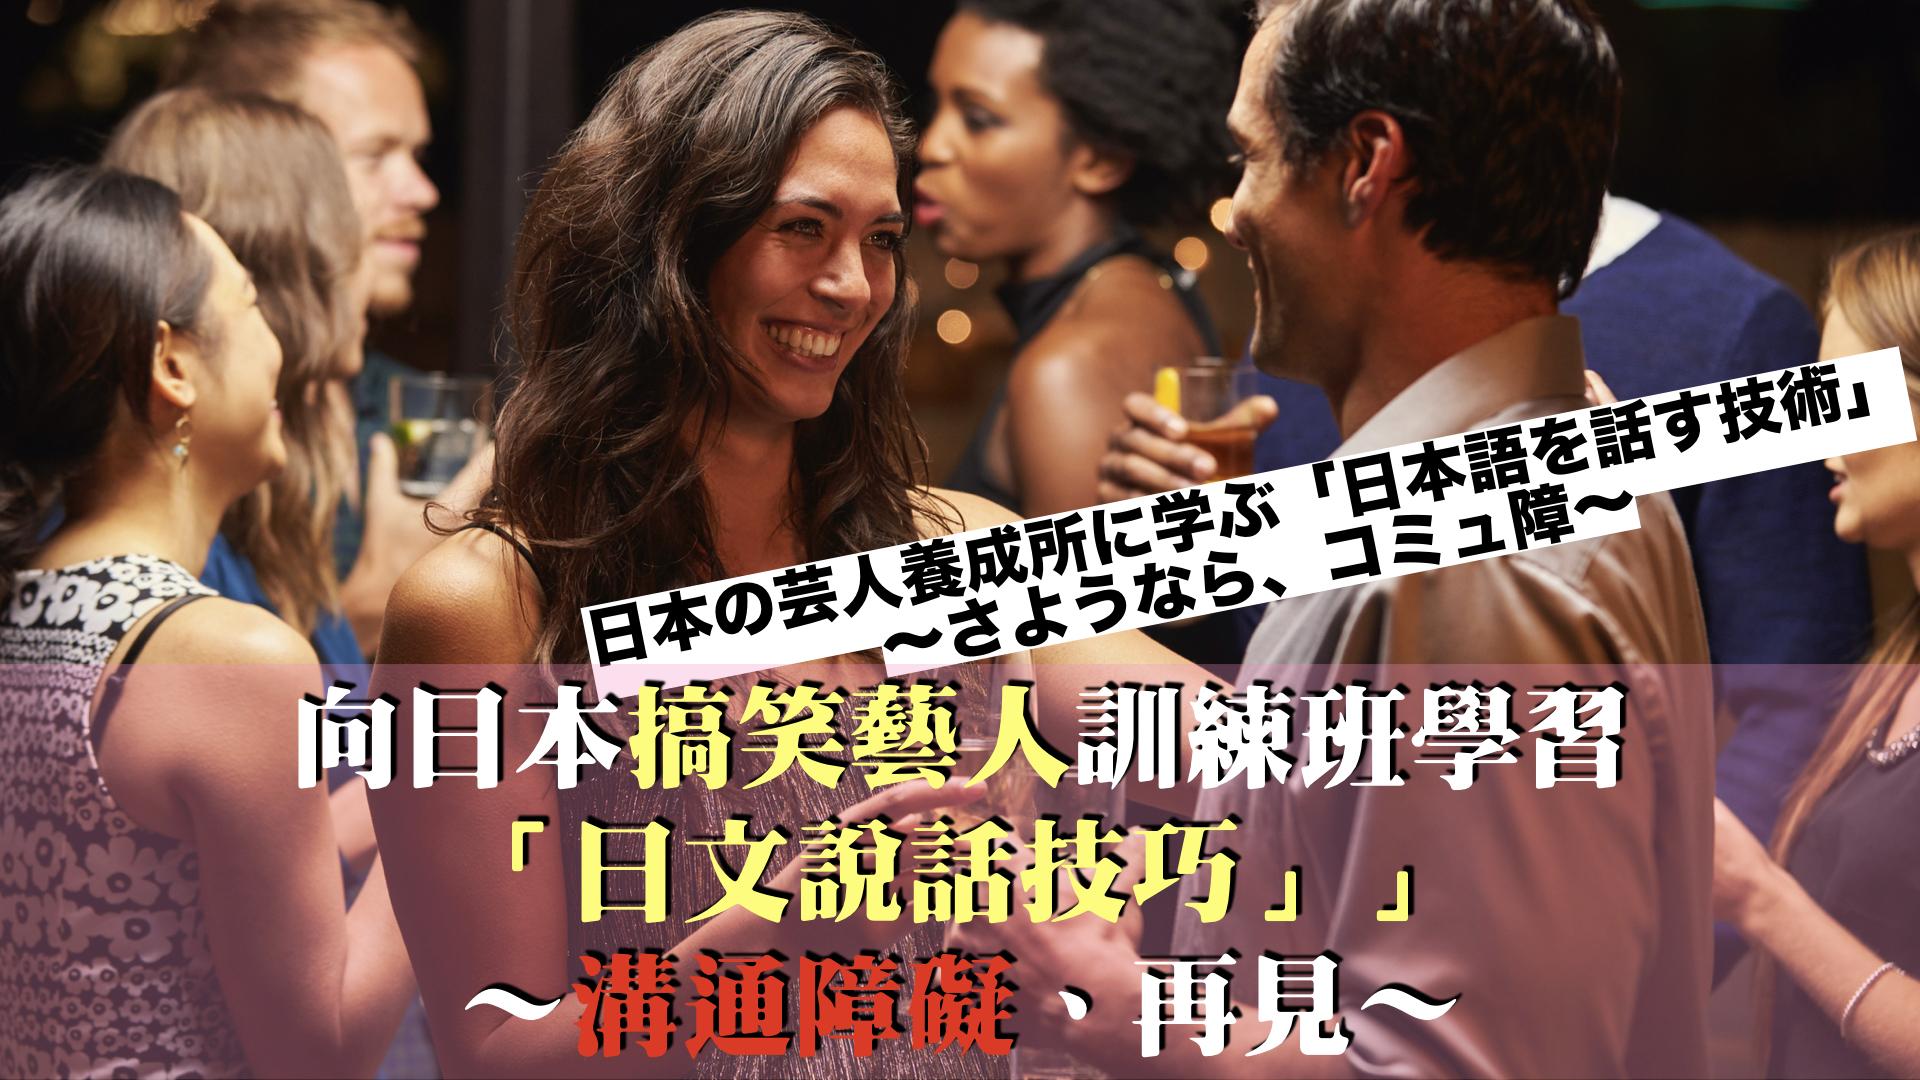 向日本搞笑藝人訓練班學習「日文說話技巧」~溝通障礙、再見~/日本の芸人養成所に学ぶ「日本語を話す技術」~さようなら、コミュ障~